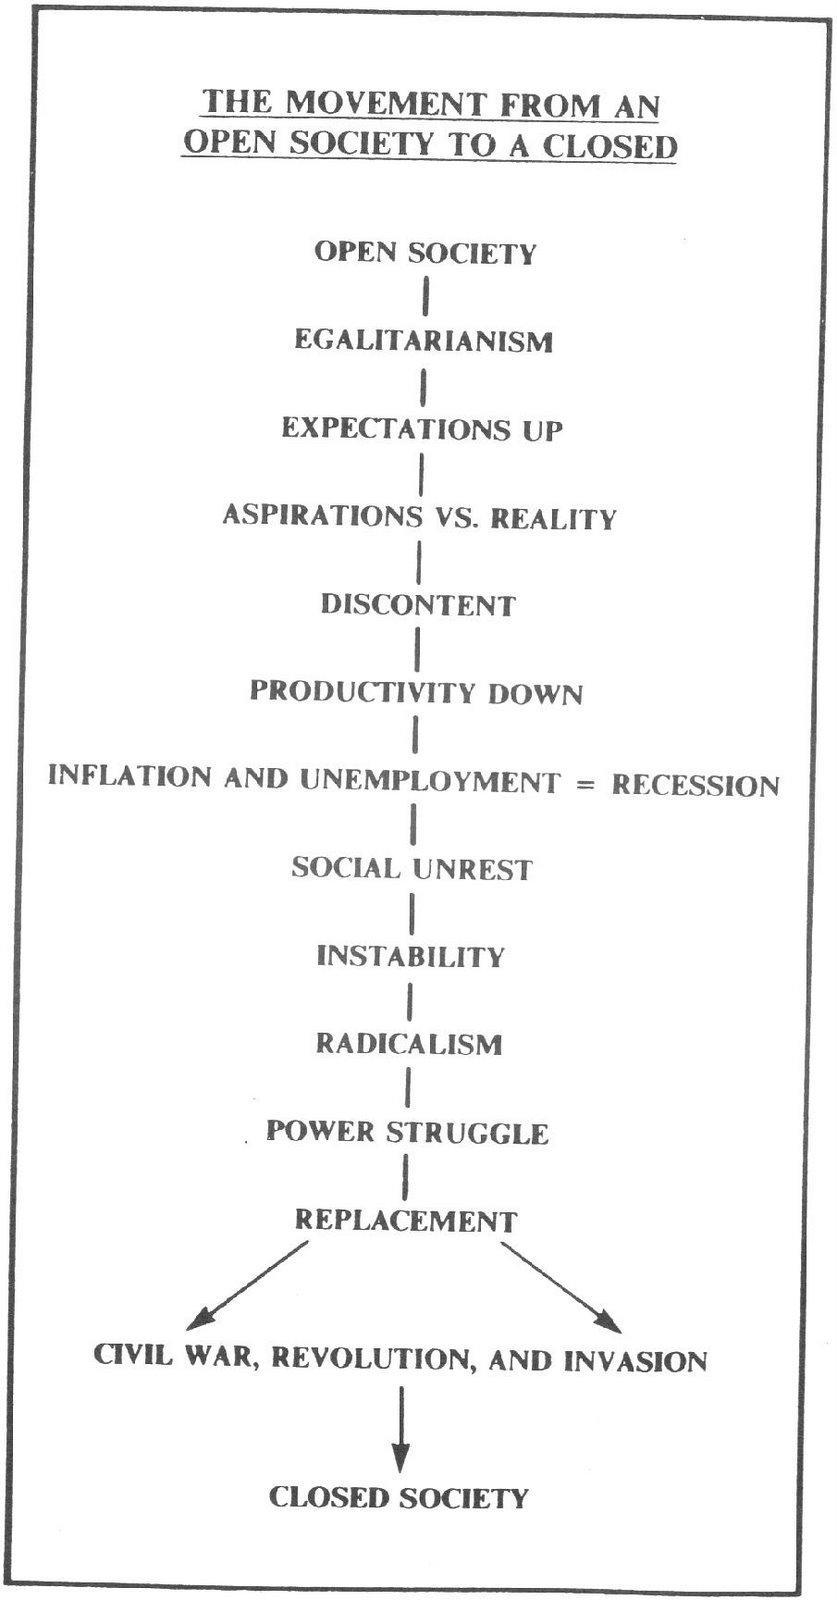 KGB Subversive action charts & timeline 38 subversion Marxism KGB fascism Communism  other